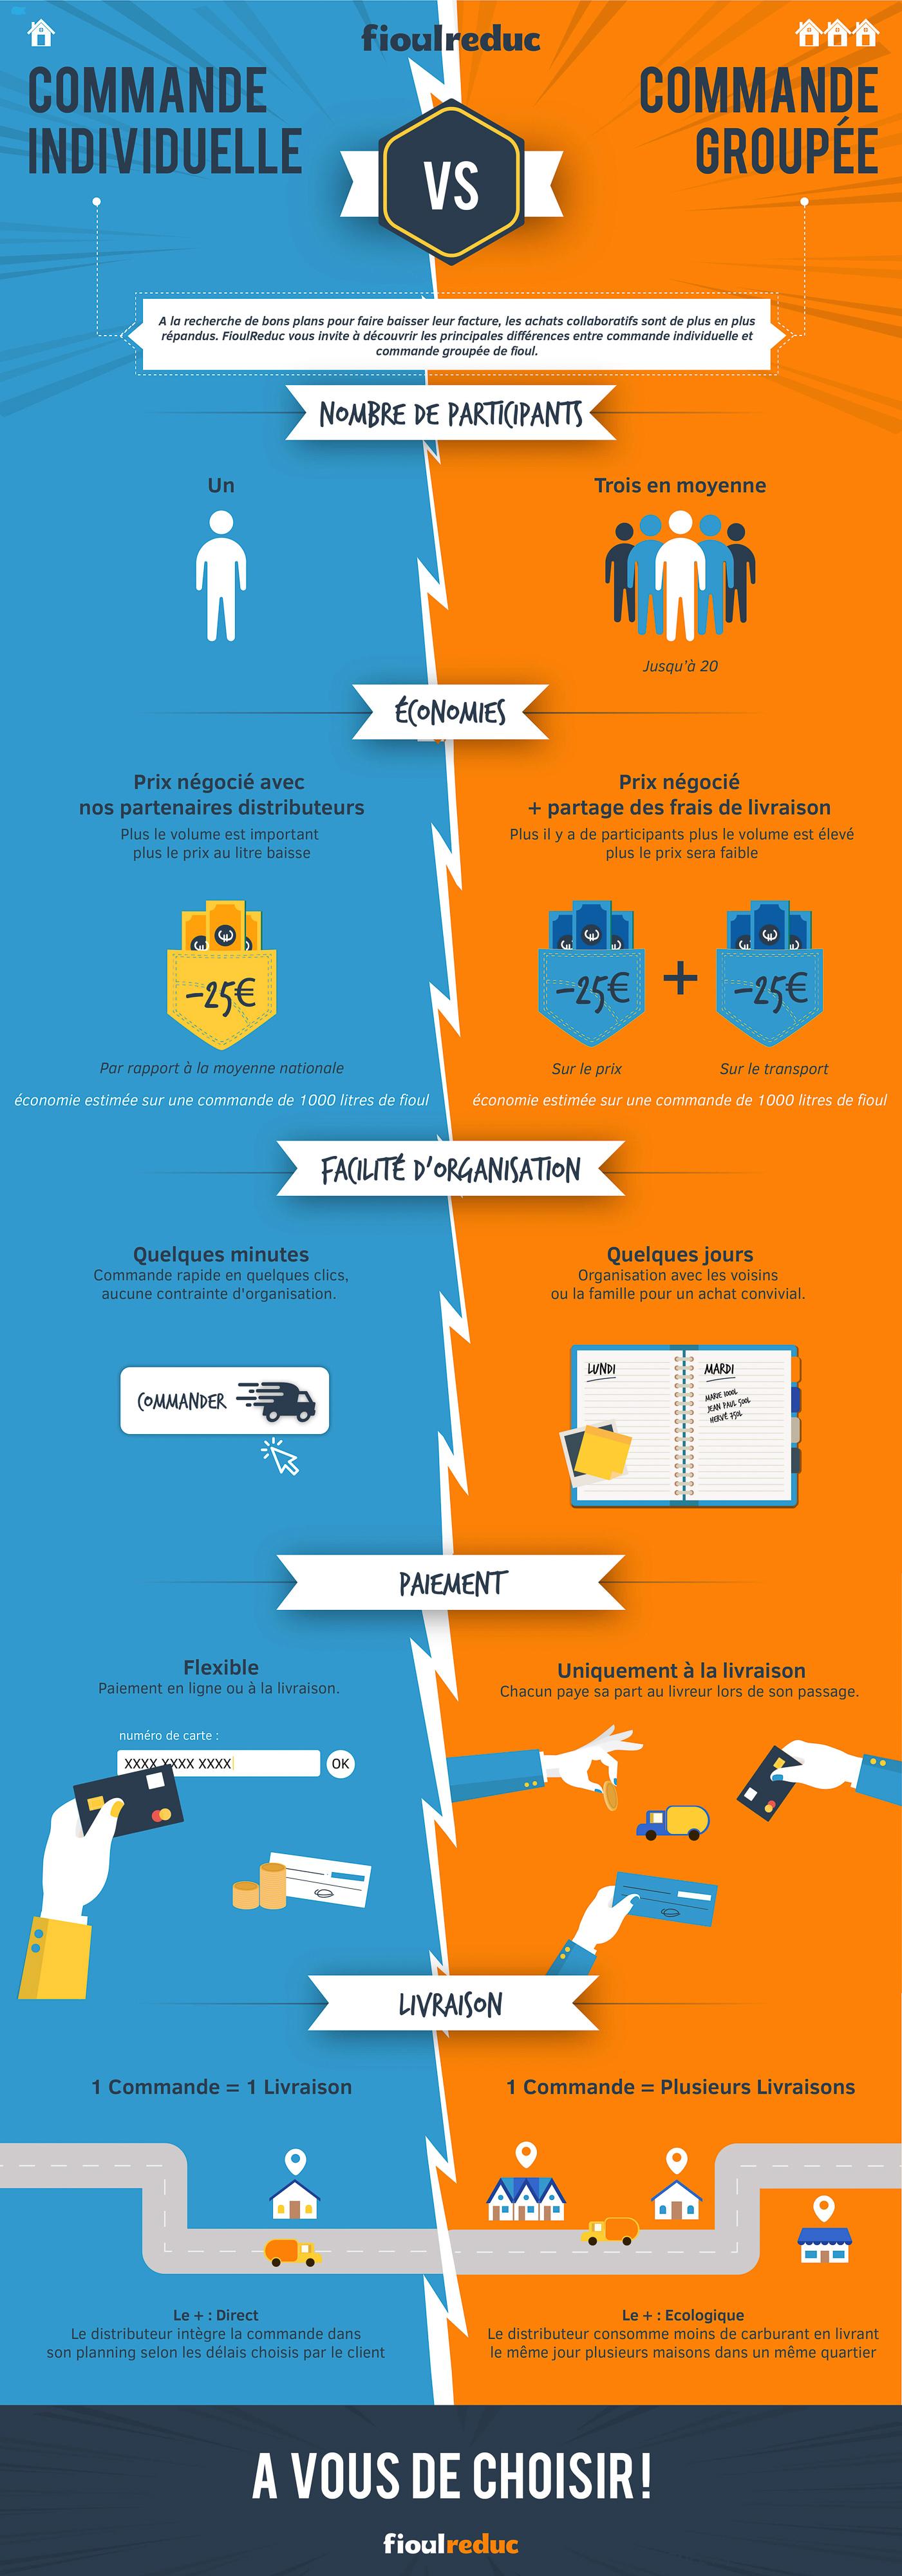 infographie commande individuelle vs groupement d'énergie fioul sur FioulReduc